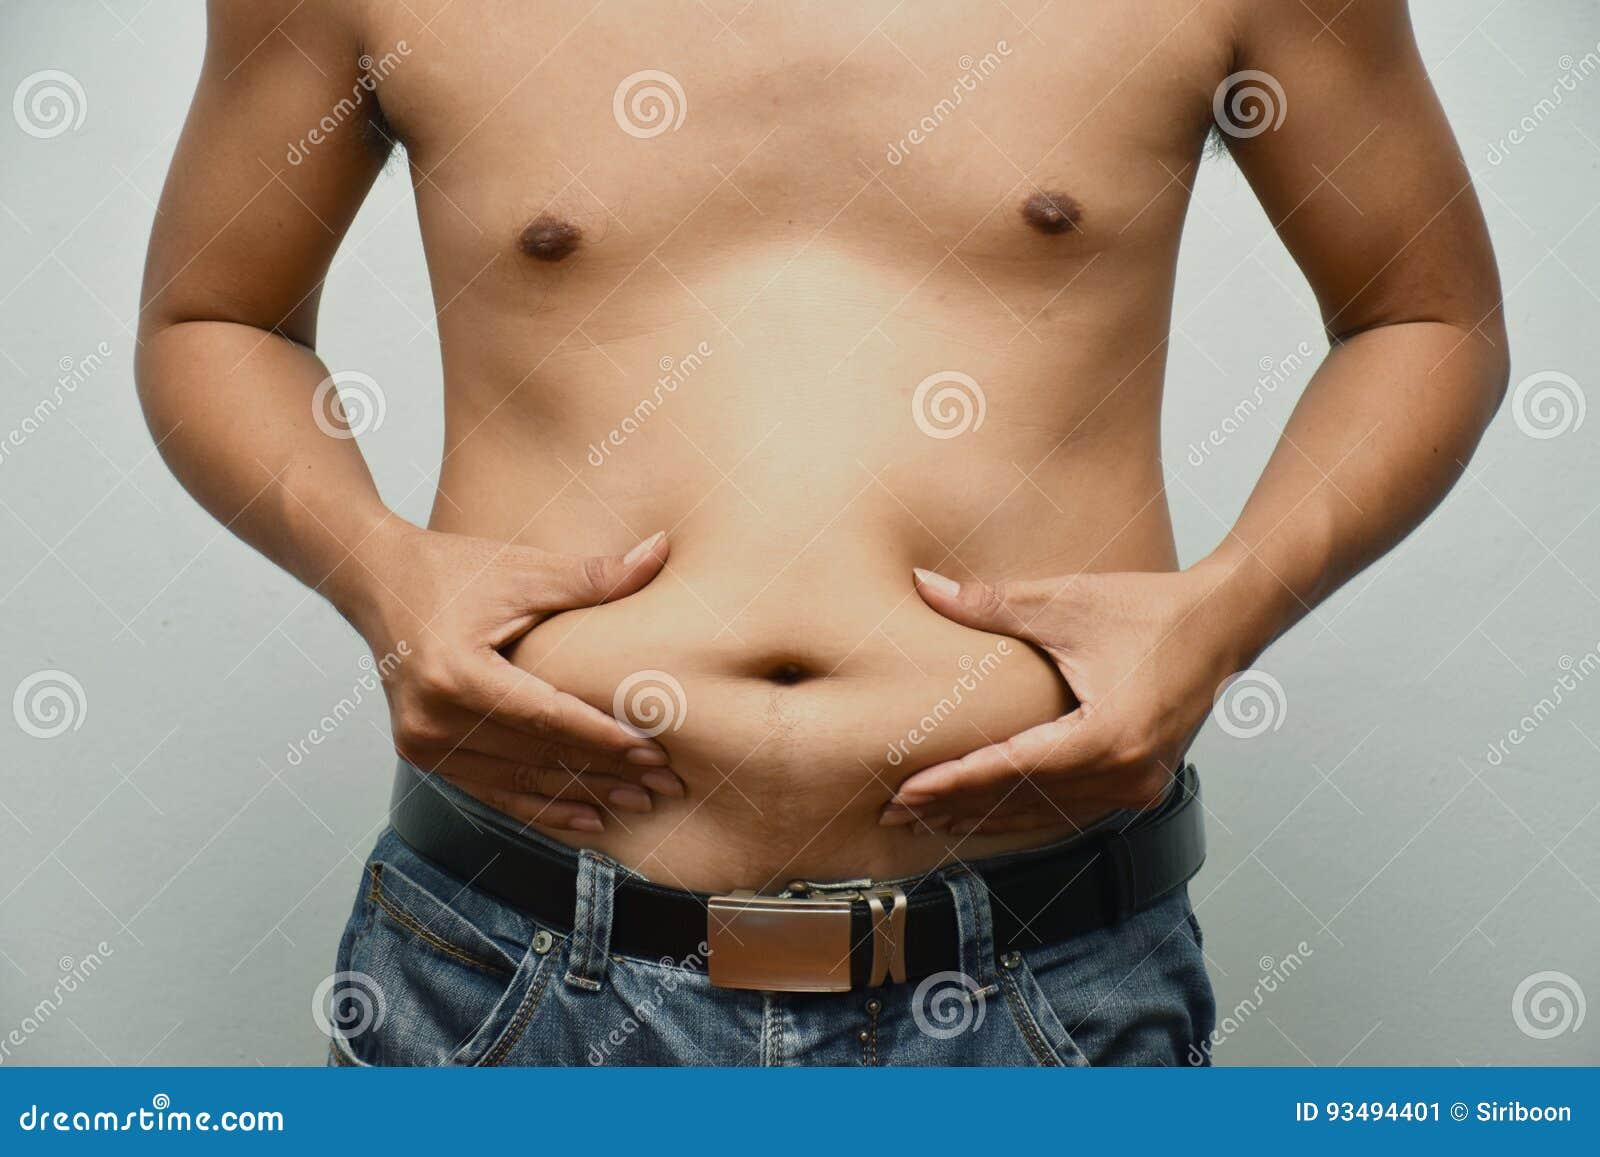 Asiatischer dicker Mann hat Cholesterin Er zeigt überschüssiges Fett des Bauches